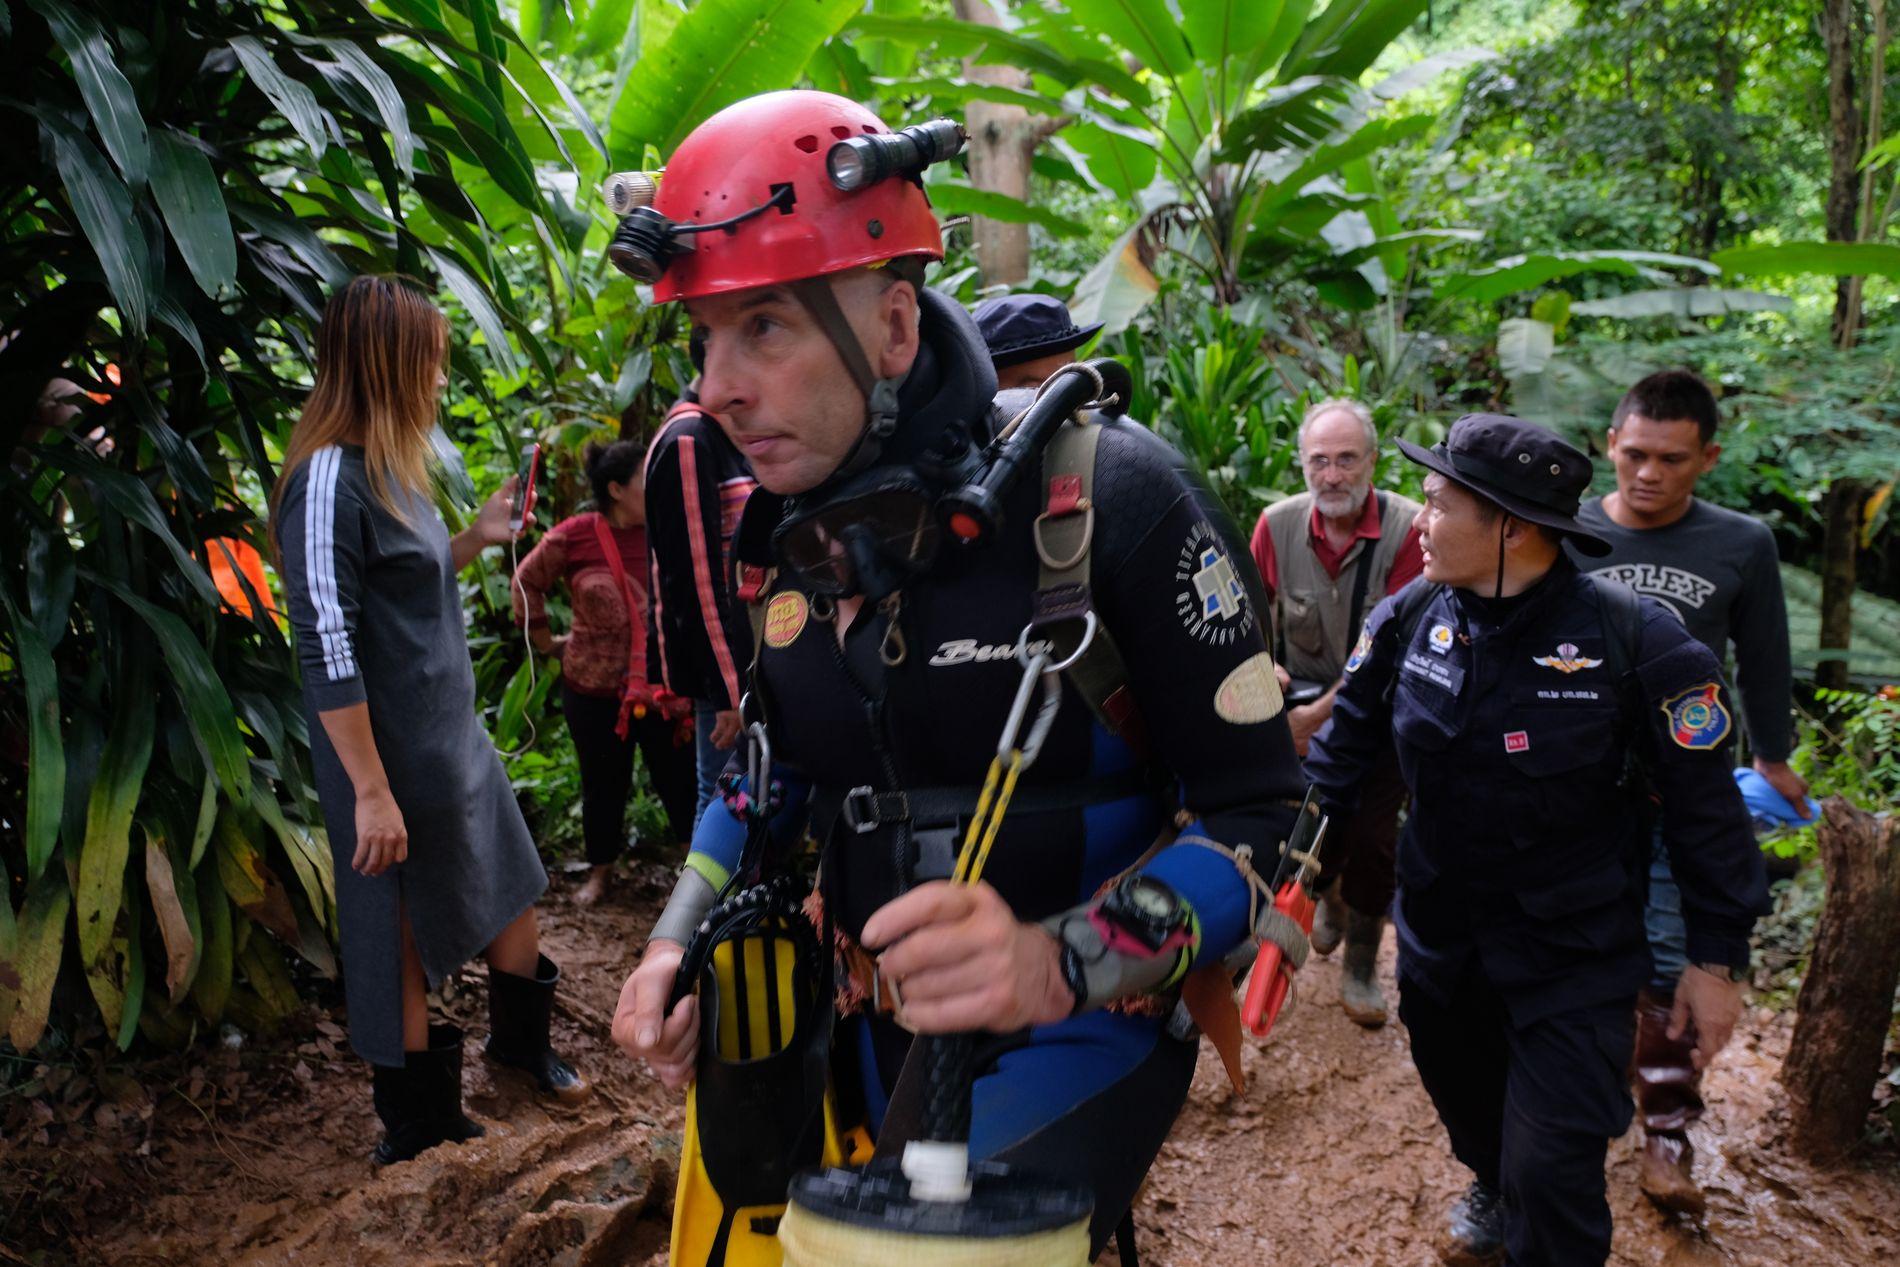 VERDENSREKORD: Richard Stanton har sammen med John Volanthen verdensrekord i grottedykking. De er sentrale når guttene skal ut.